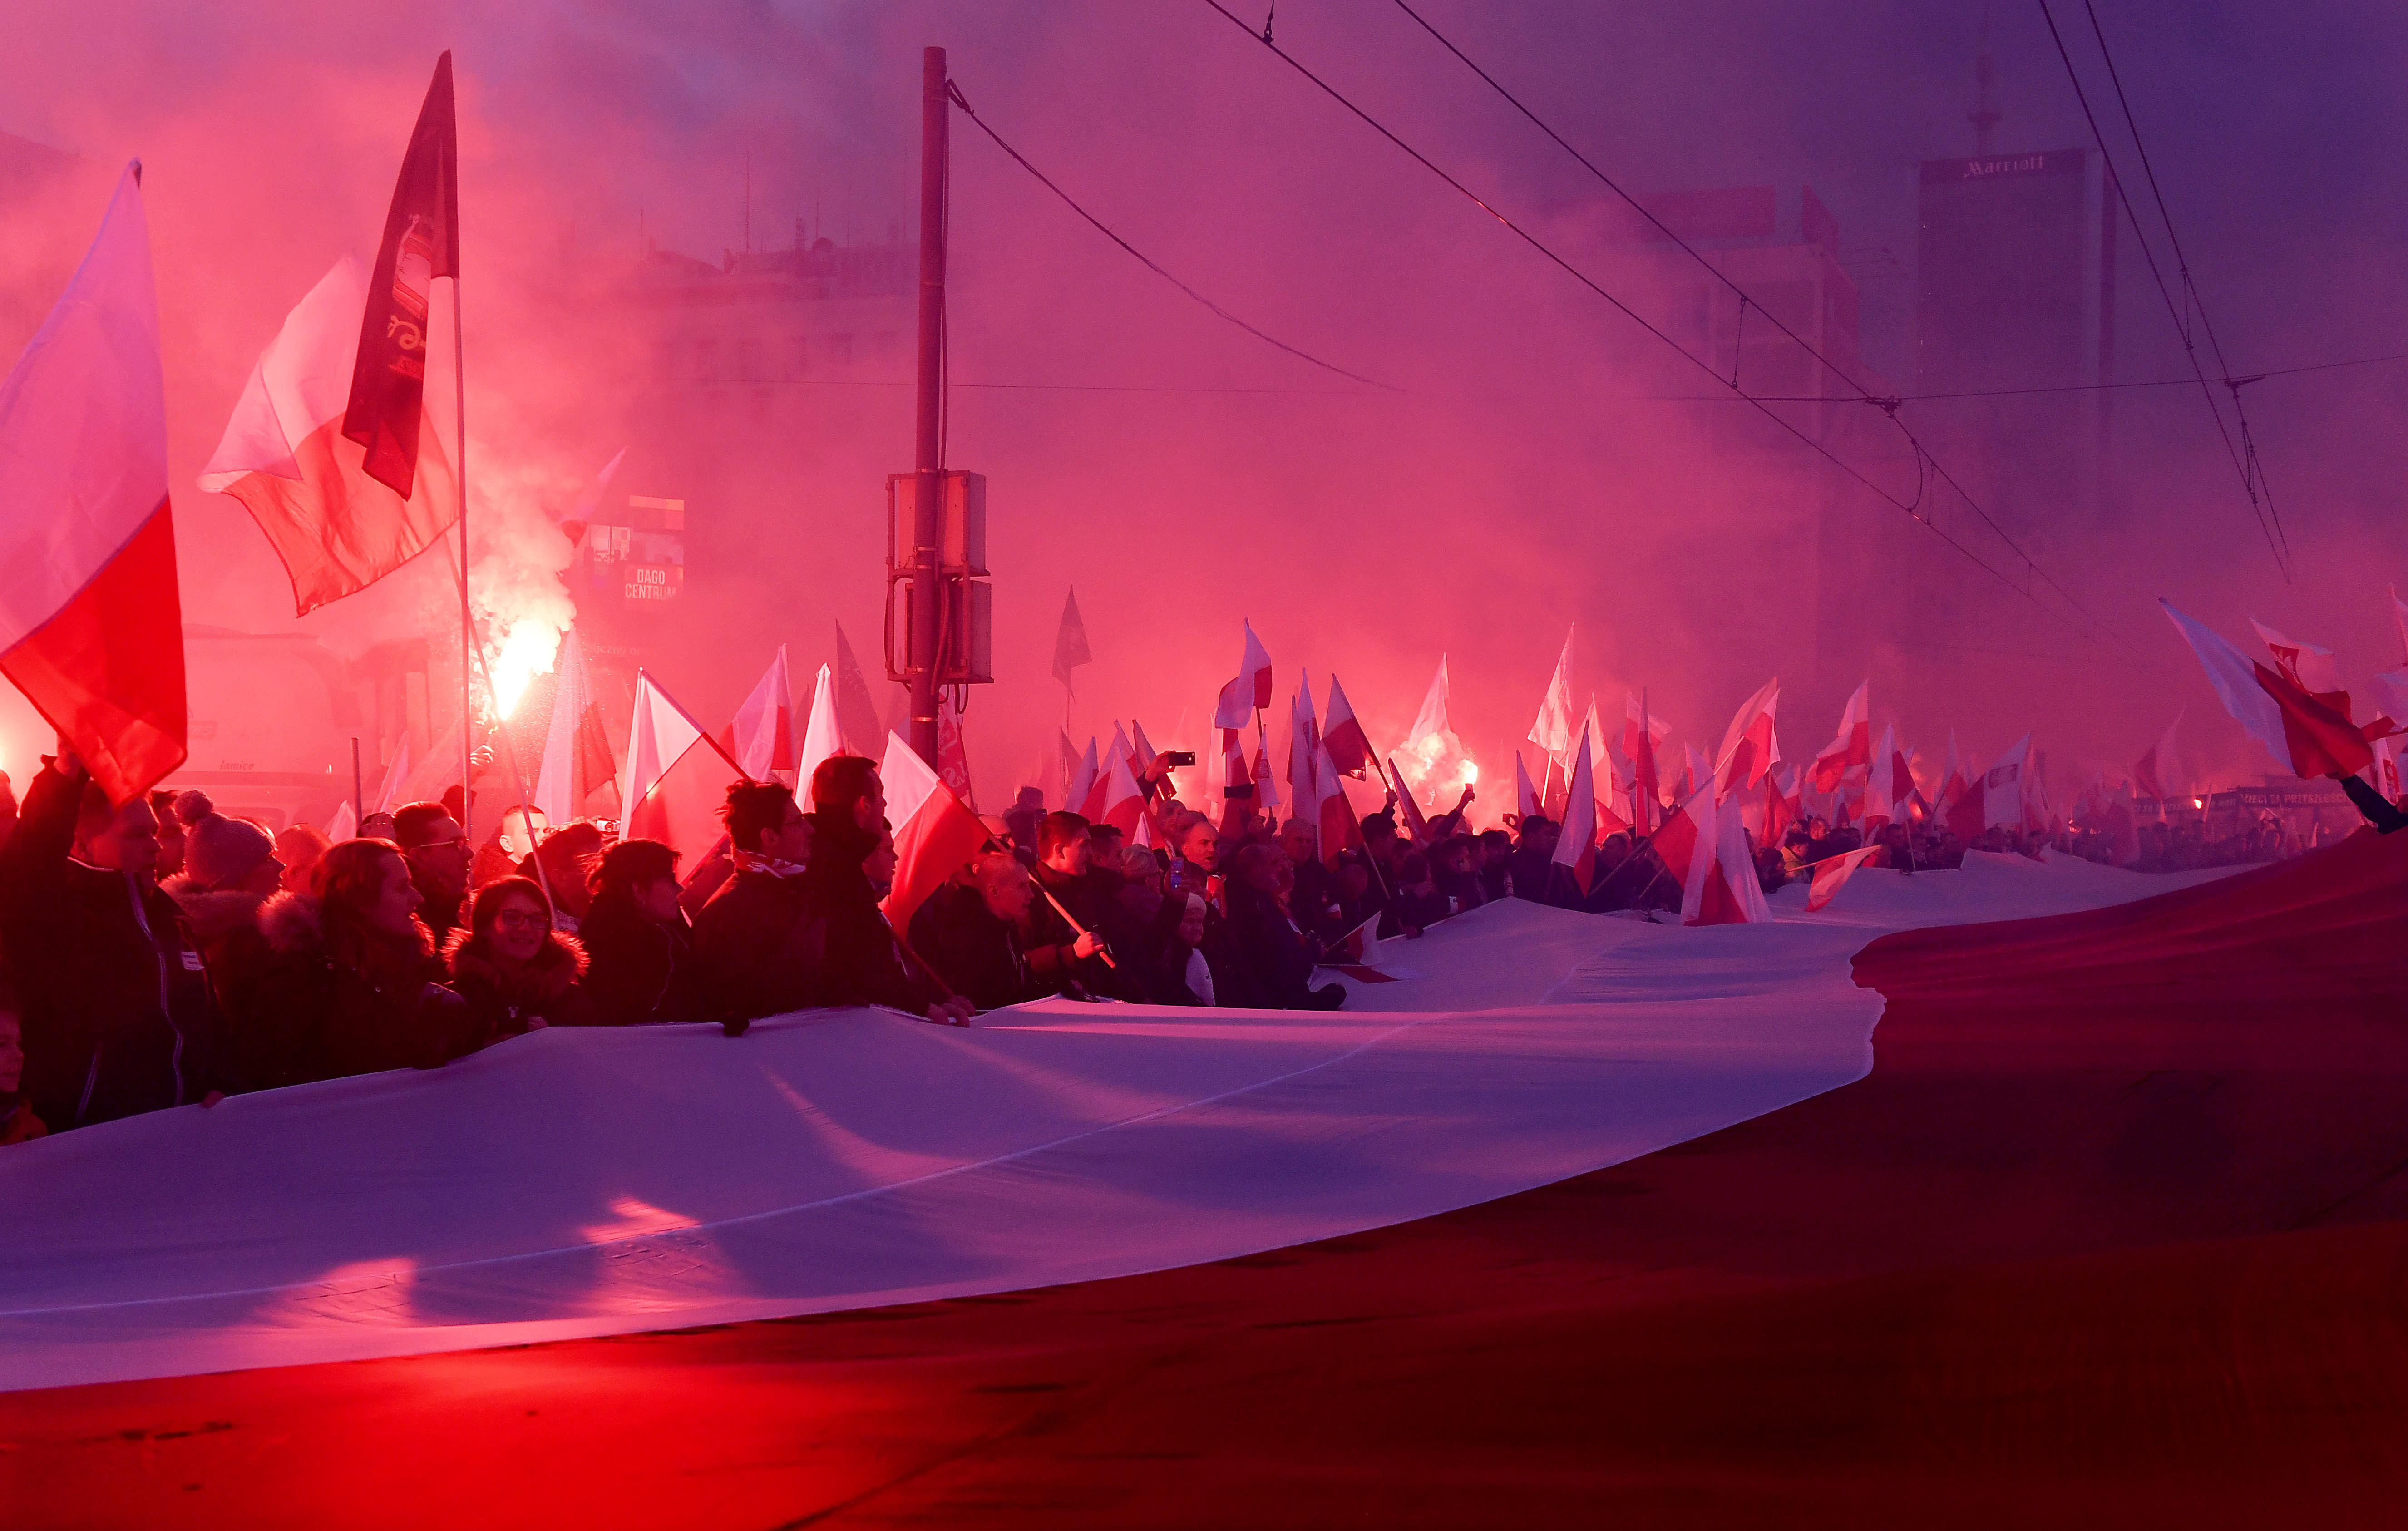 Demonstrators burn flares and wave Polish flags during Poland's Independence Day in Warsaw (AFP/JANEK SKARYNSKI)